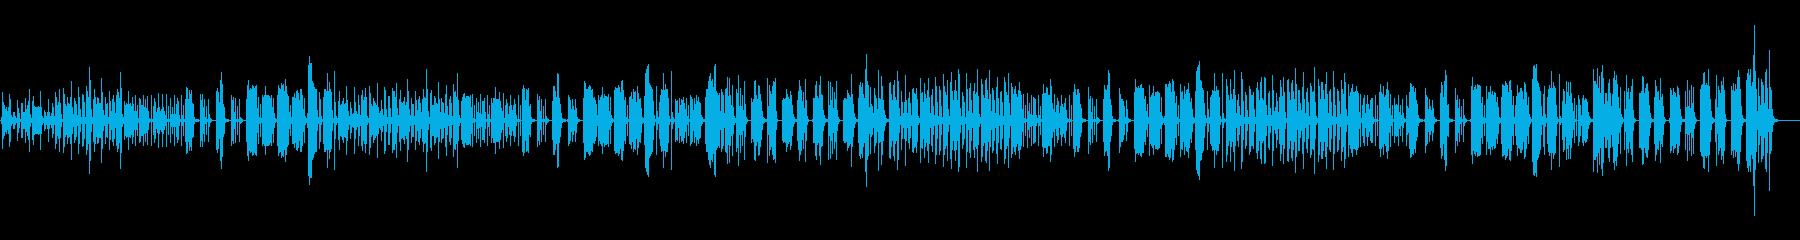 少しコミカルで怪しい曲/ロングverの再生済みの波形